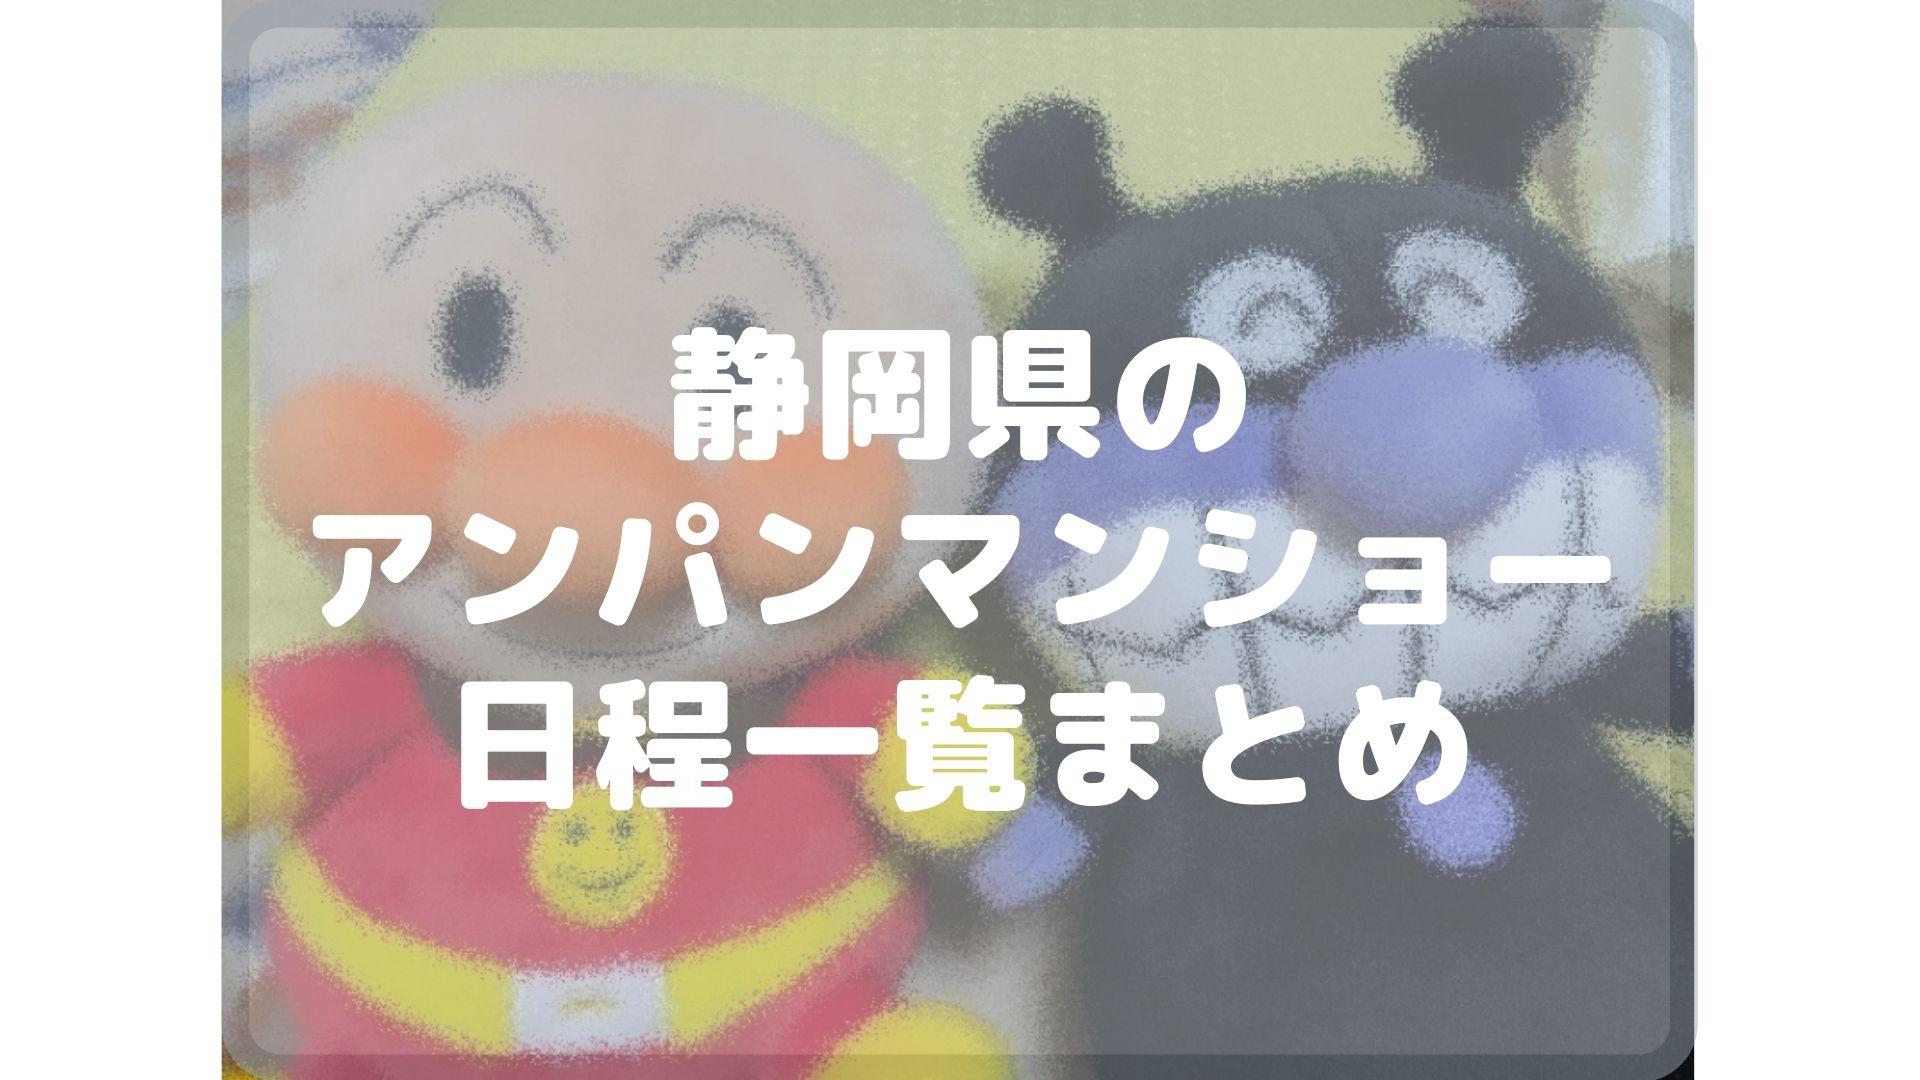 静岡県のアンパンマンショーまとめタイトル画像